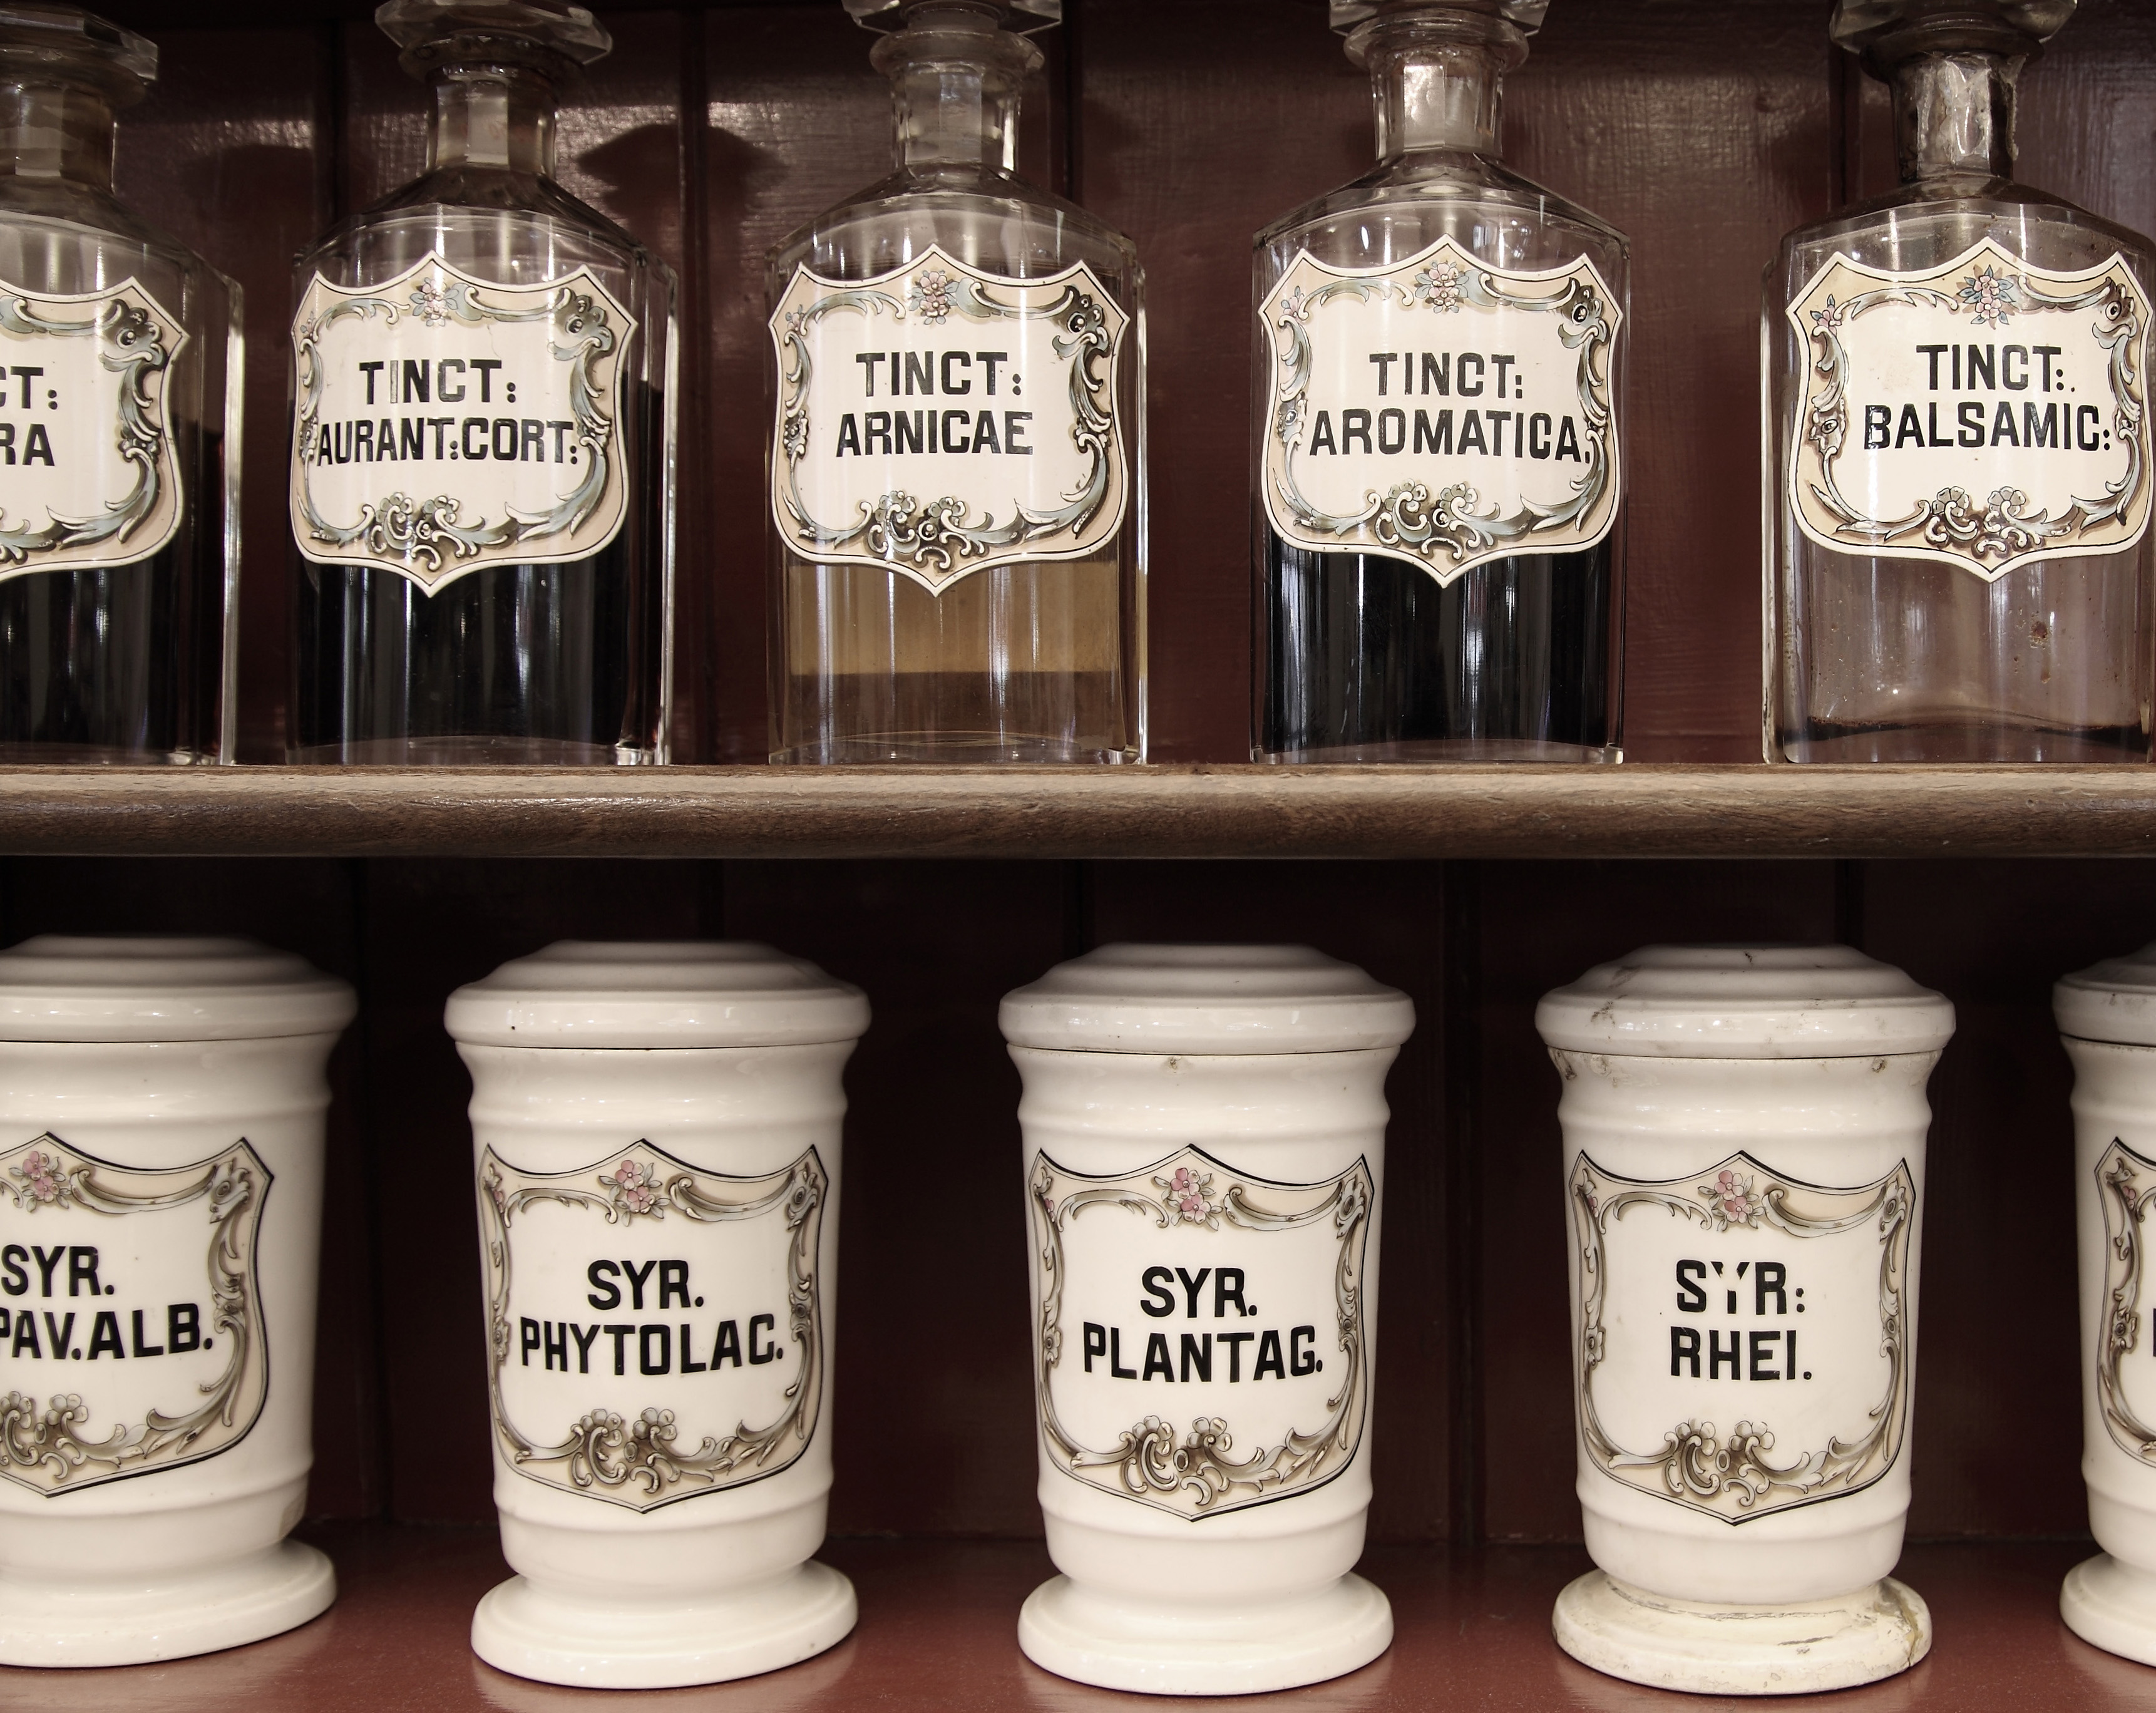 Medikamente, traditionelle Arzneimittel, Heilkräuter, Homöopathische Arzneimittel